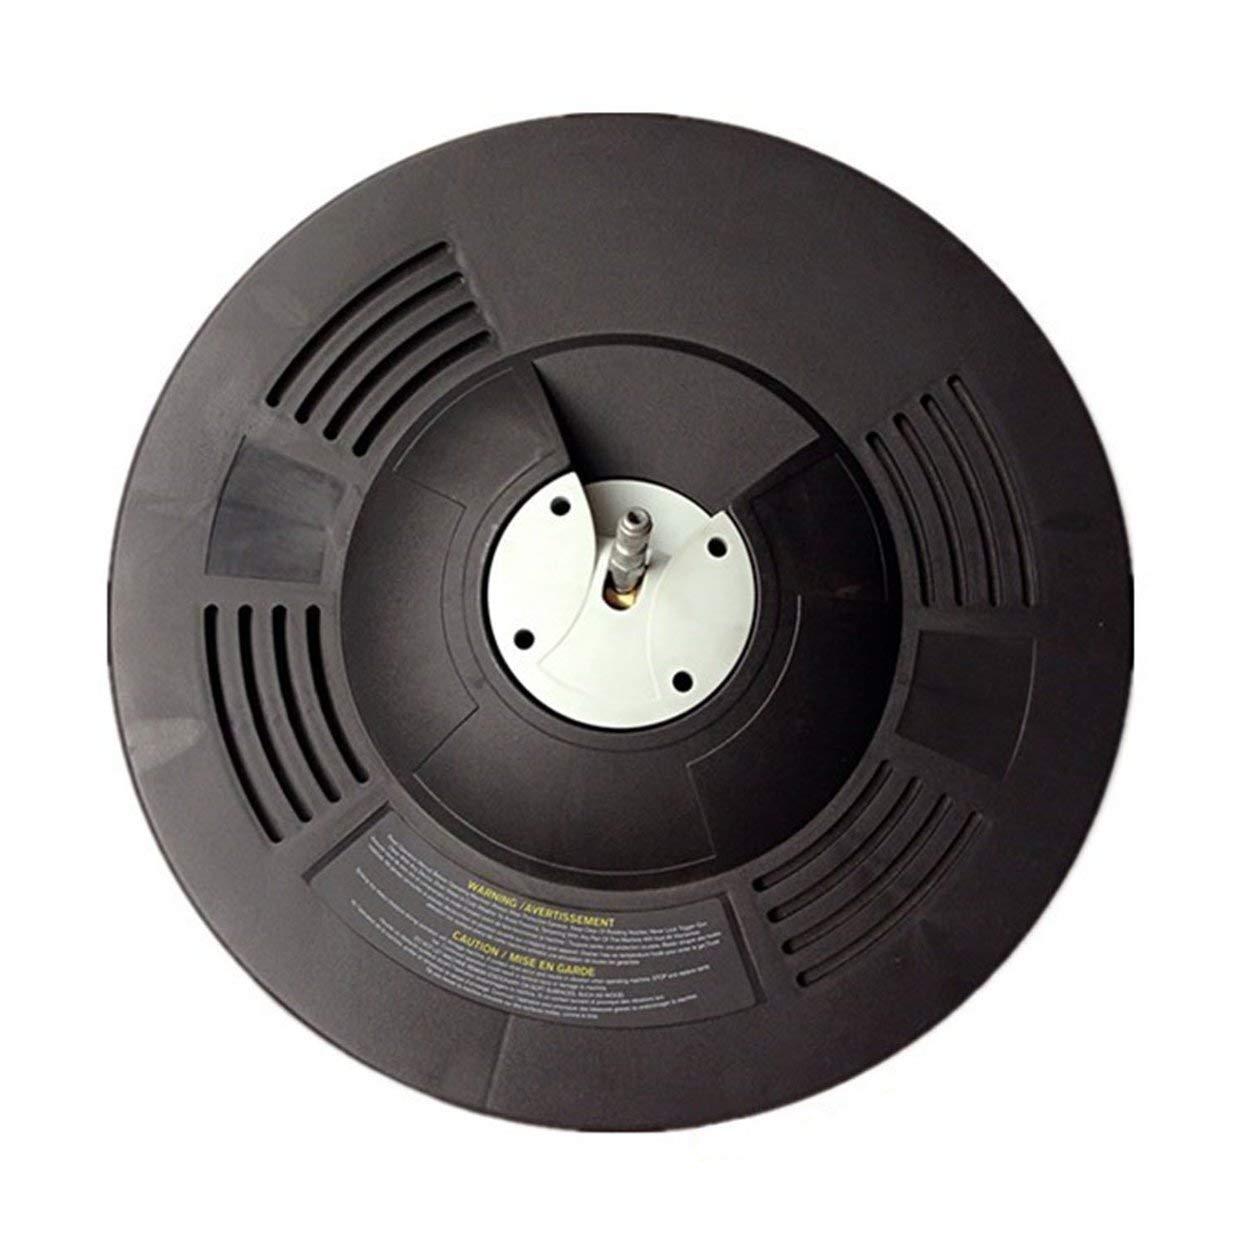 15-Zoll-Flat-Rotary-Cleaner-Universal-Reinigungsbrste-fr-Hochdruckreiniger-Professionelles-Reinigungswerkzeug-Schwarz